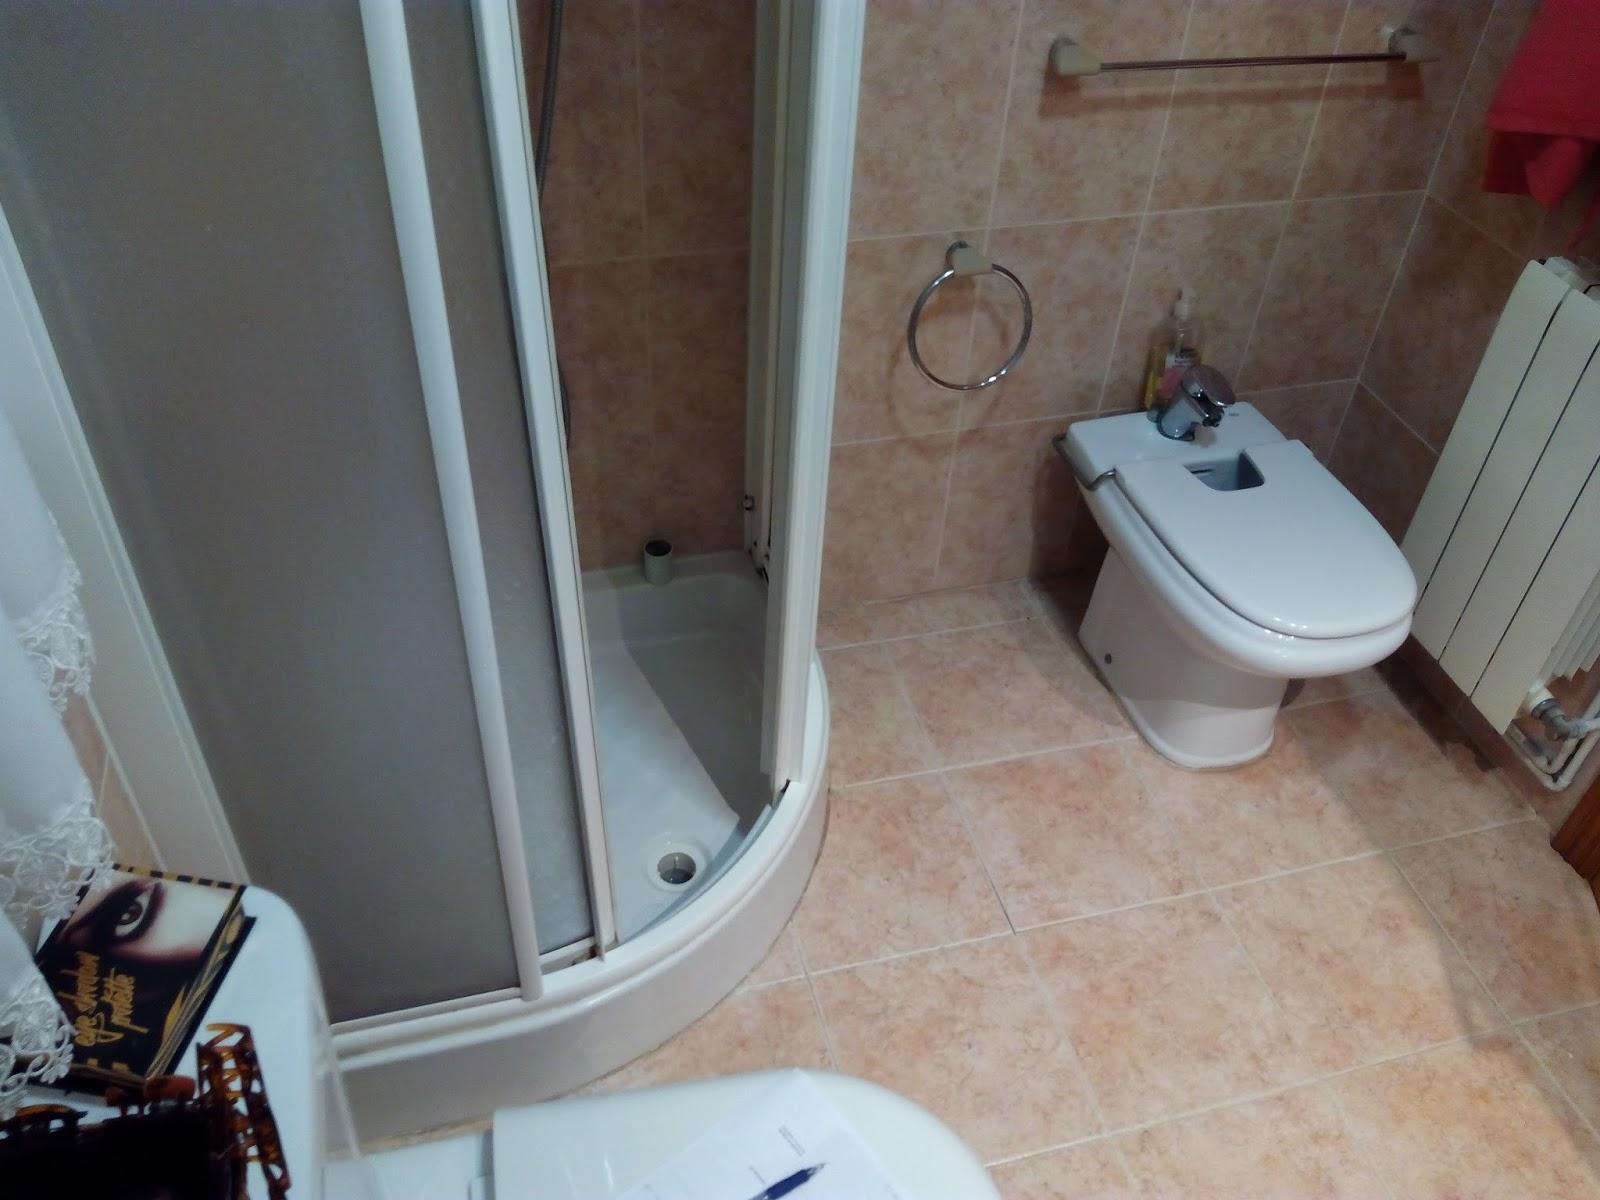 Plato de ducha en mal estado - Que plato de ducha es mejor ...